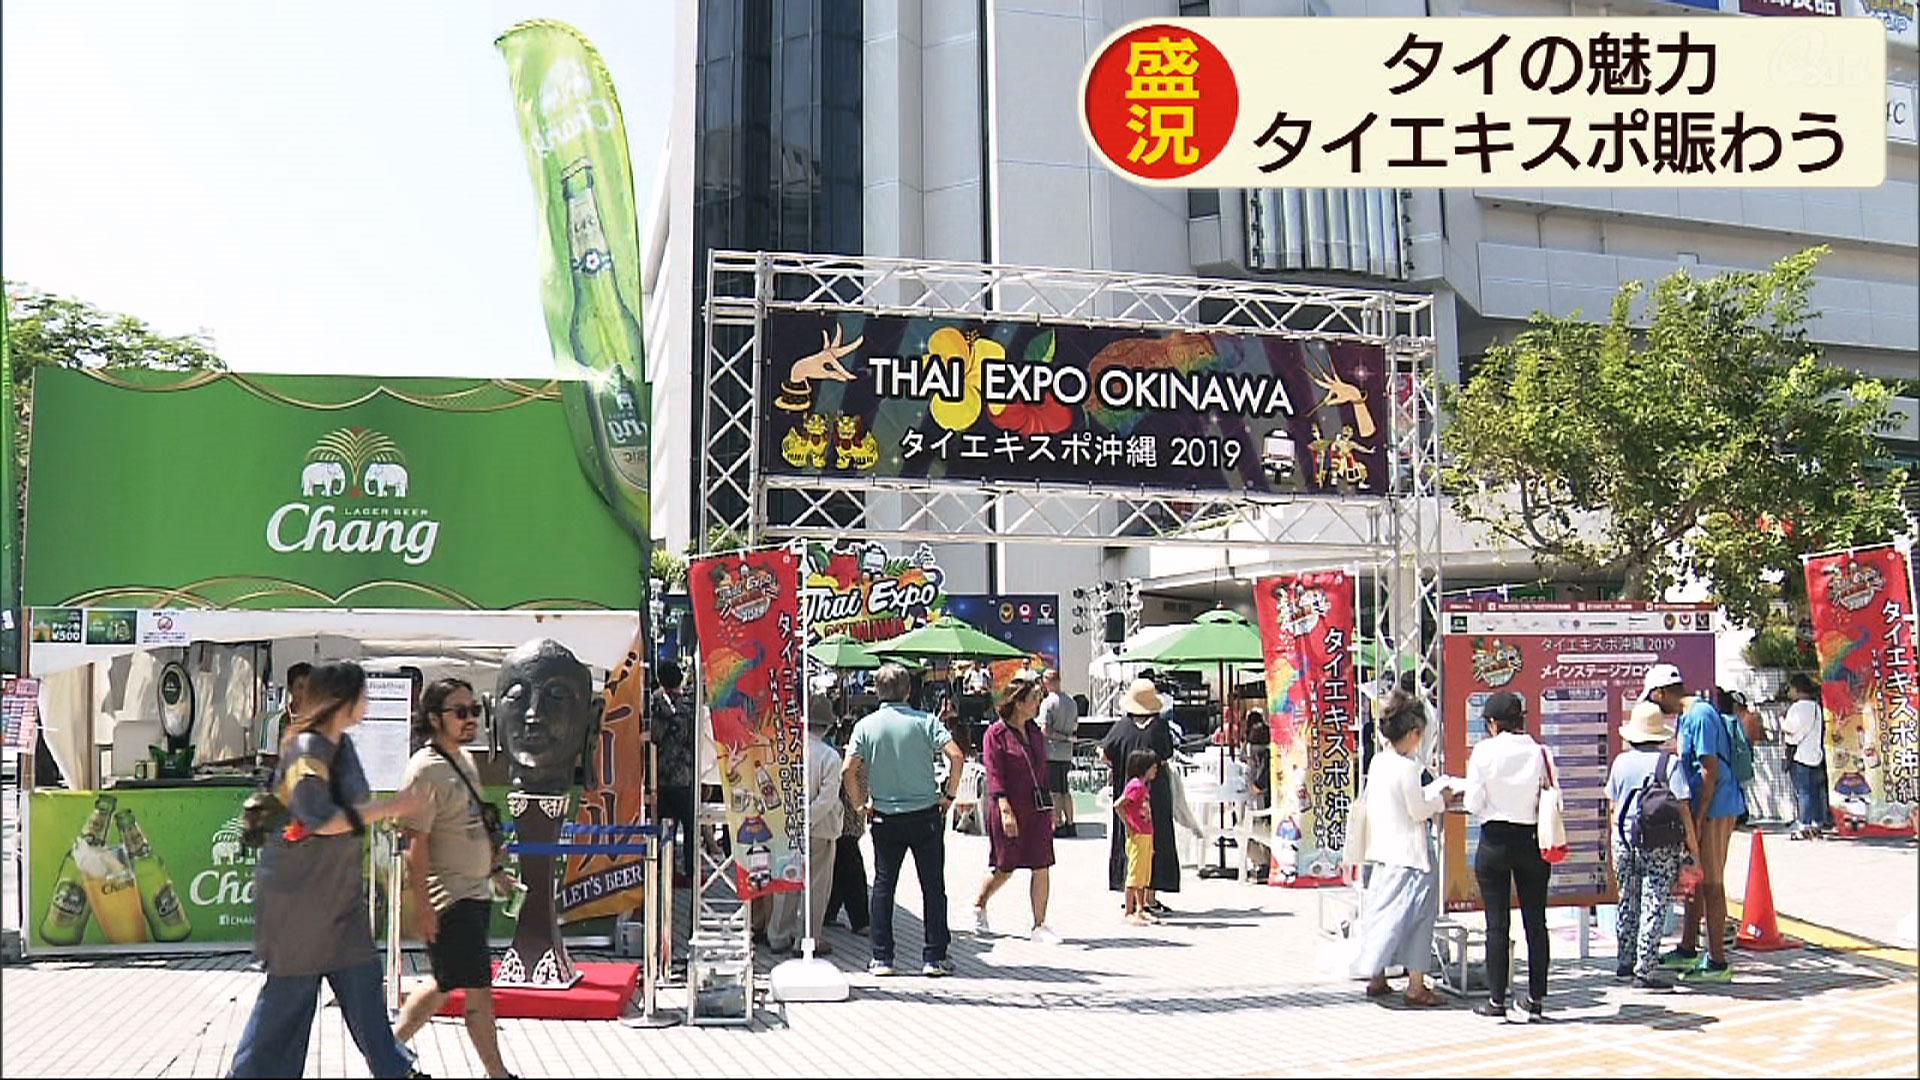 沖縄初開催タイエキスポが盛況 10月6日まで